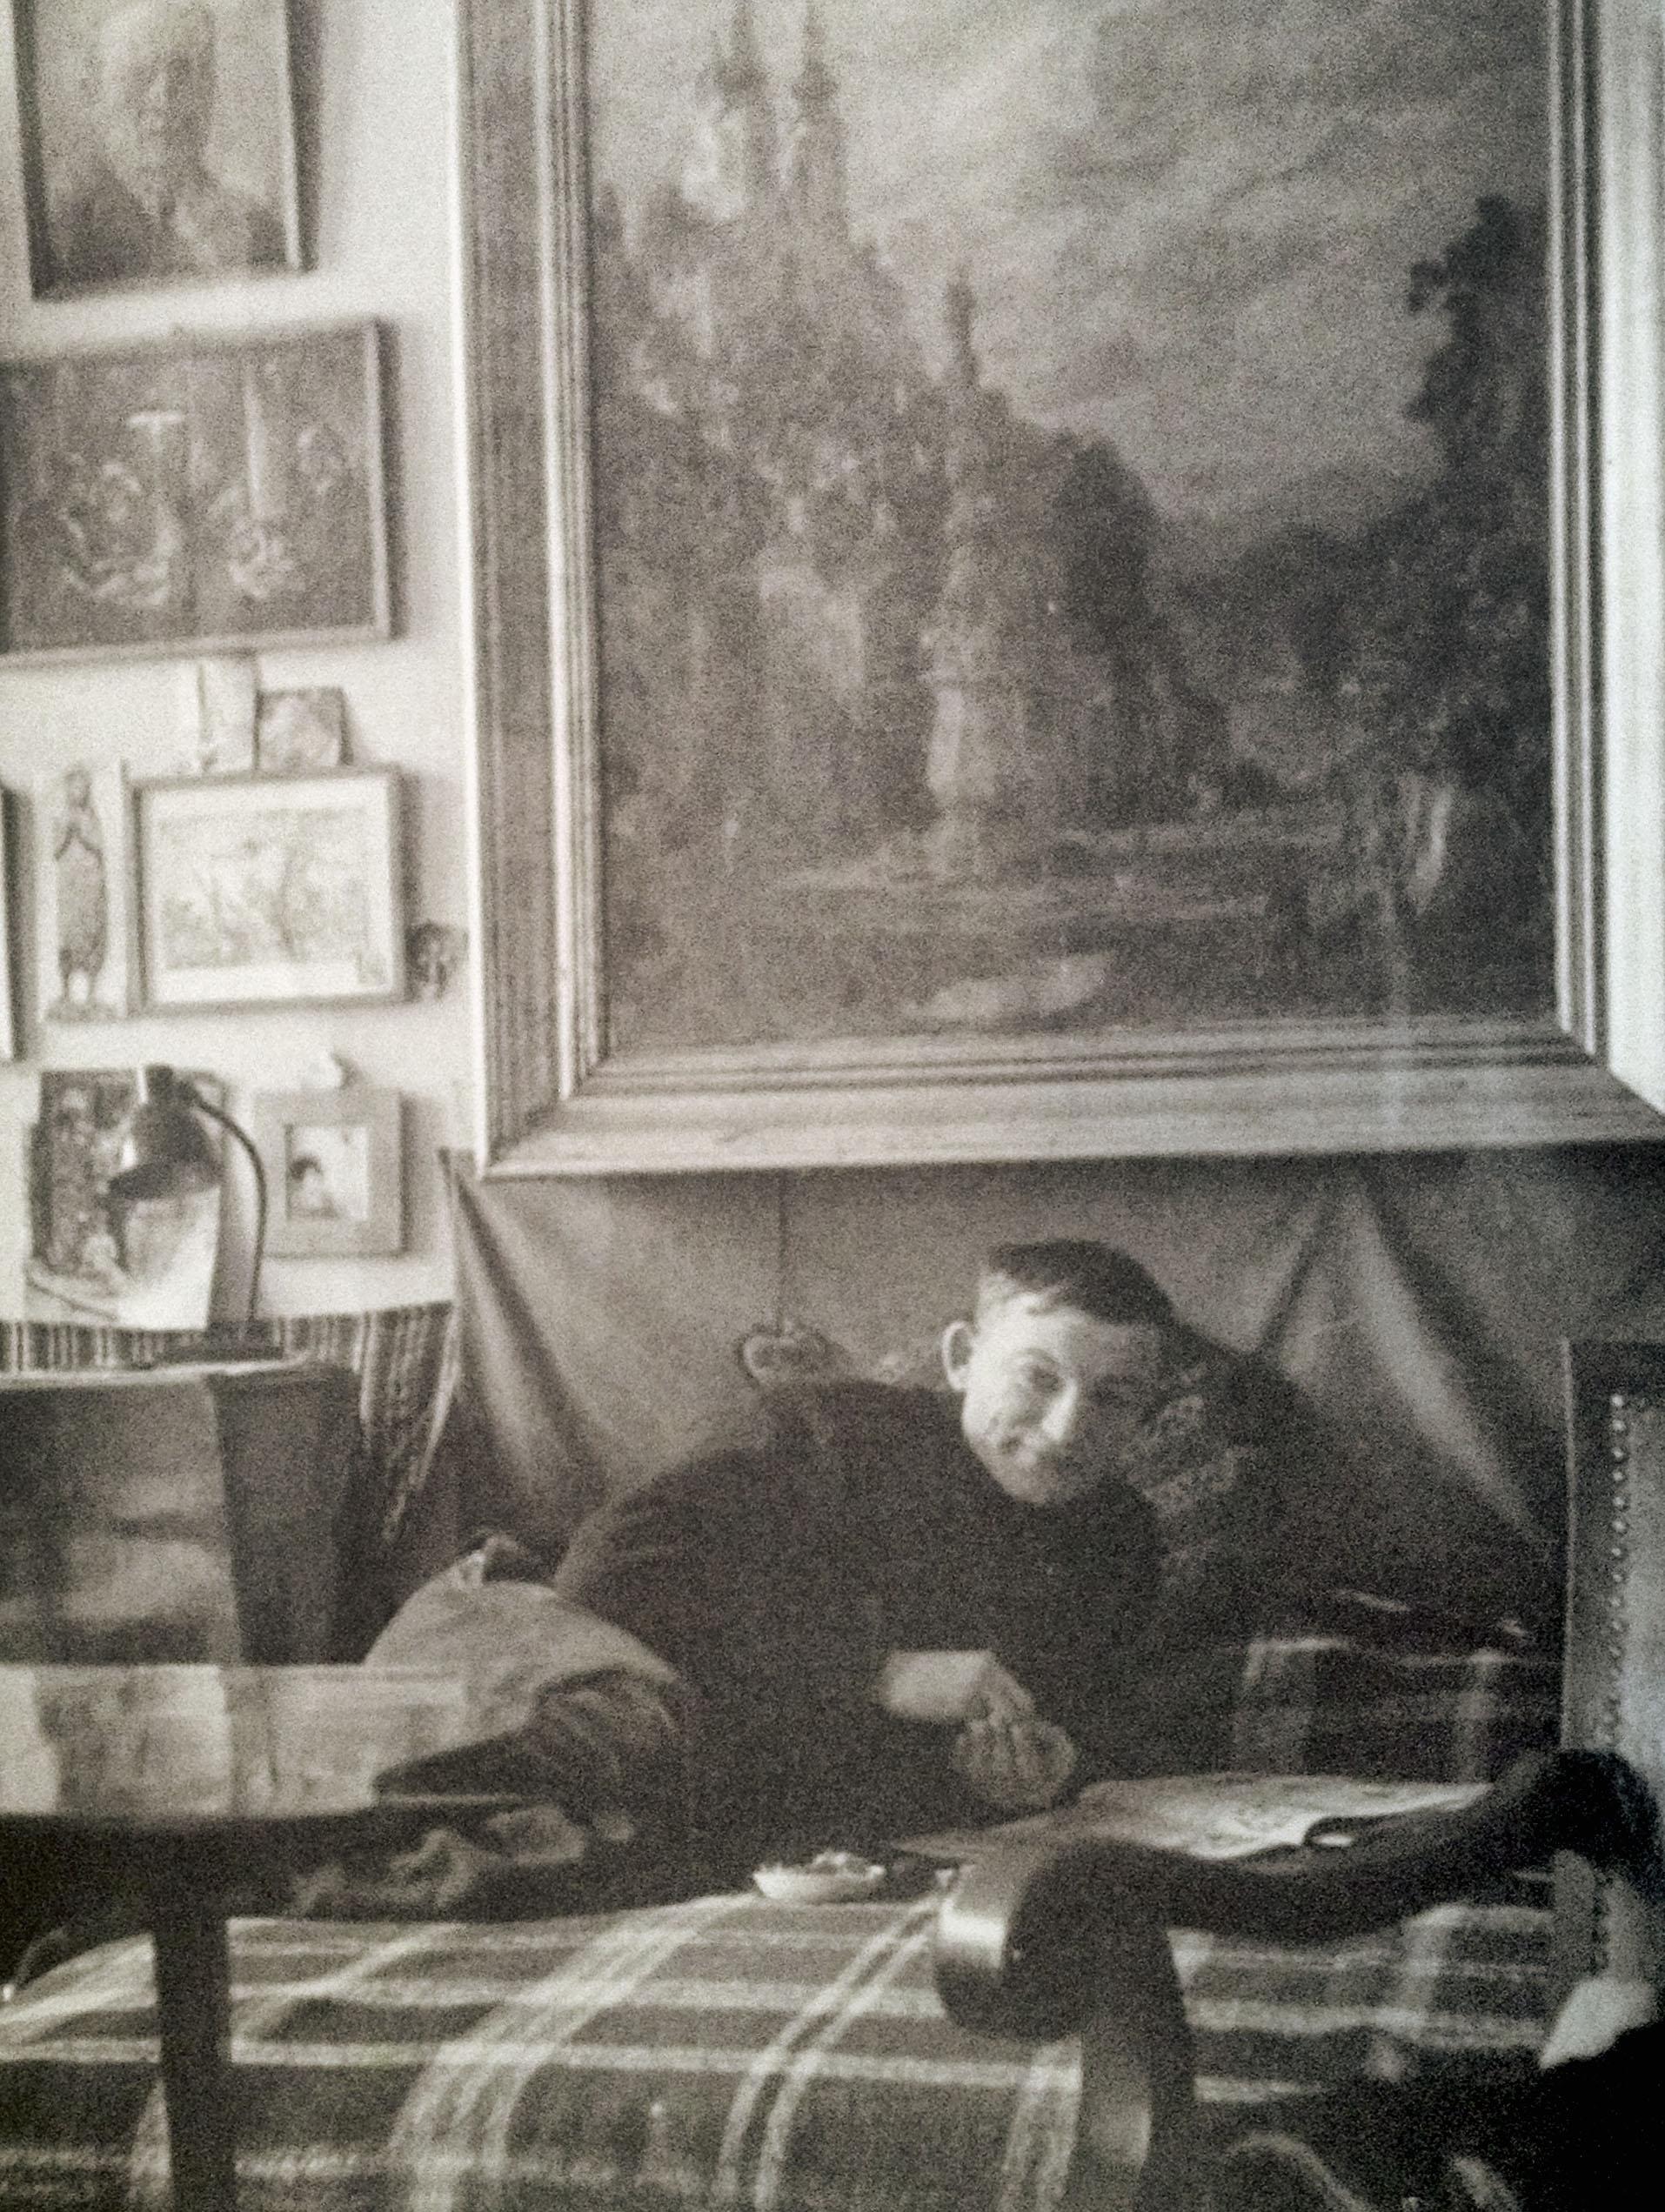 Kodor Béla Gross Arnoldnál, 1953, háttérben Szabó Vladimir festménye